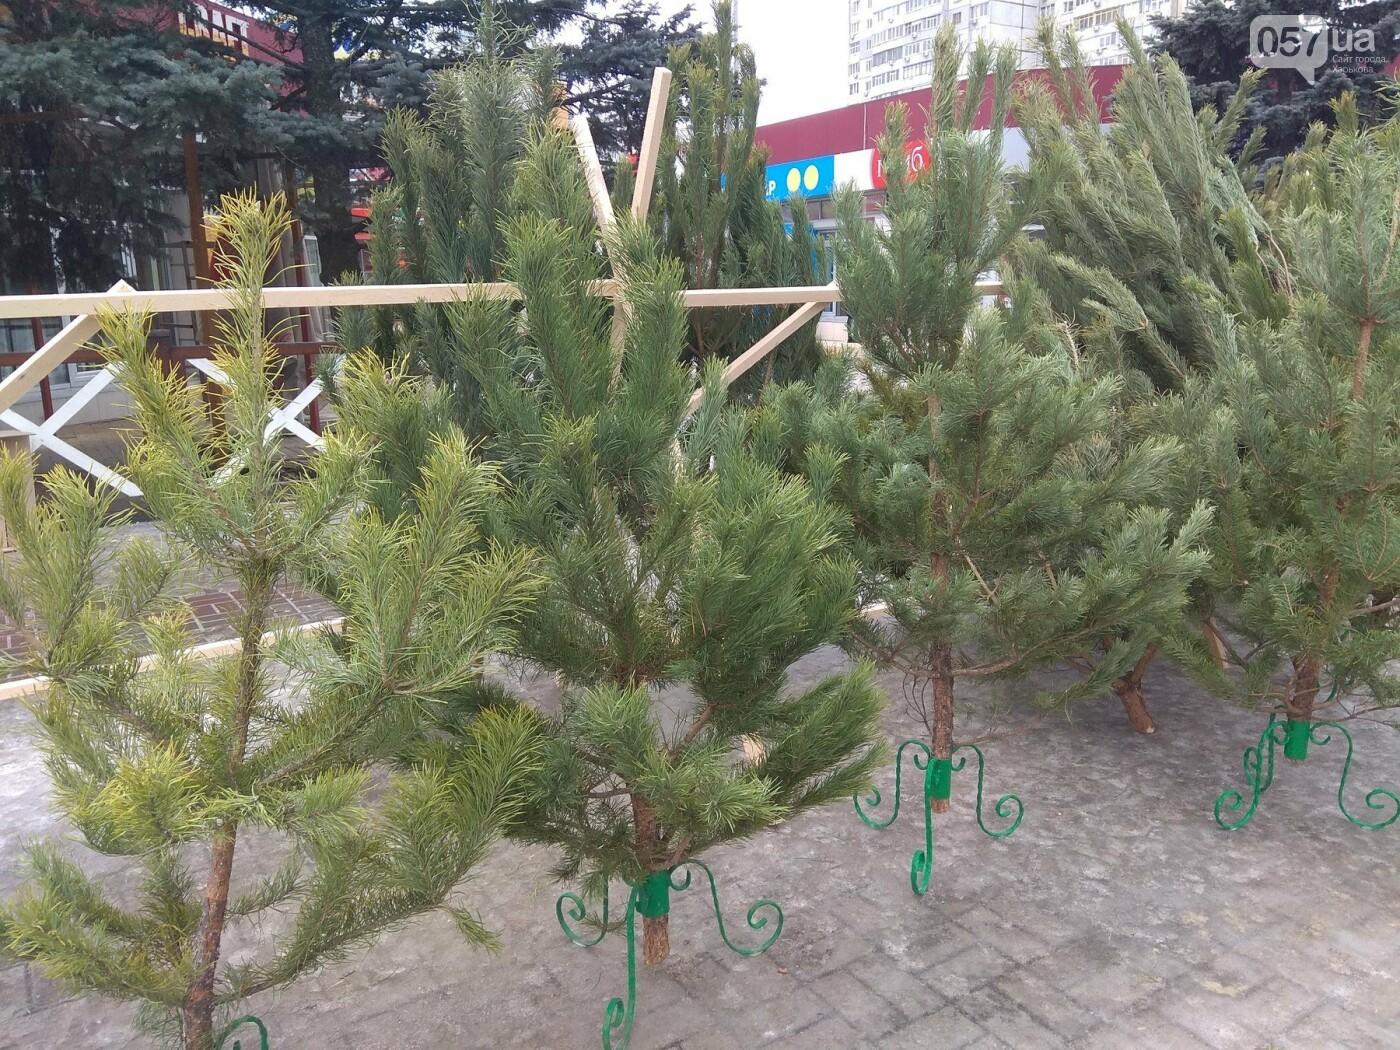 Новогодние елки в Харькове. Где и за сколько можно купить, - ФОТО, фото-11